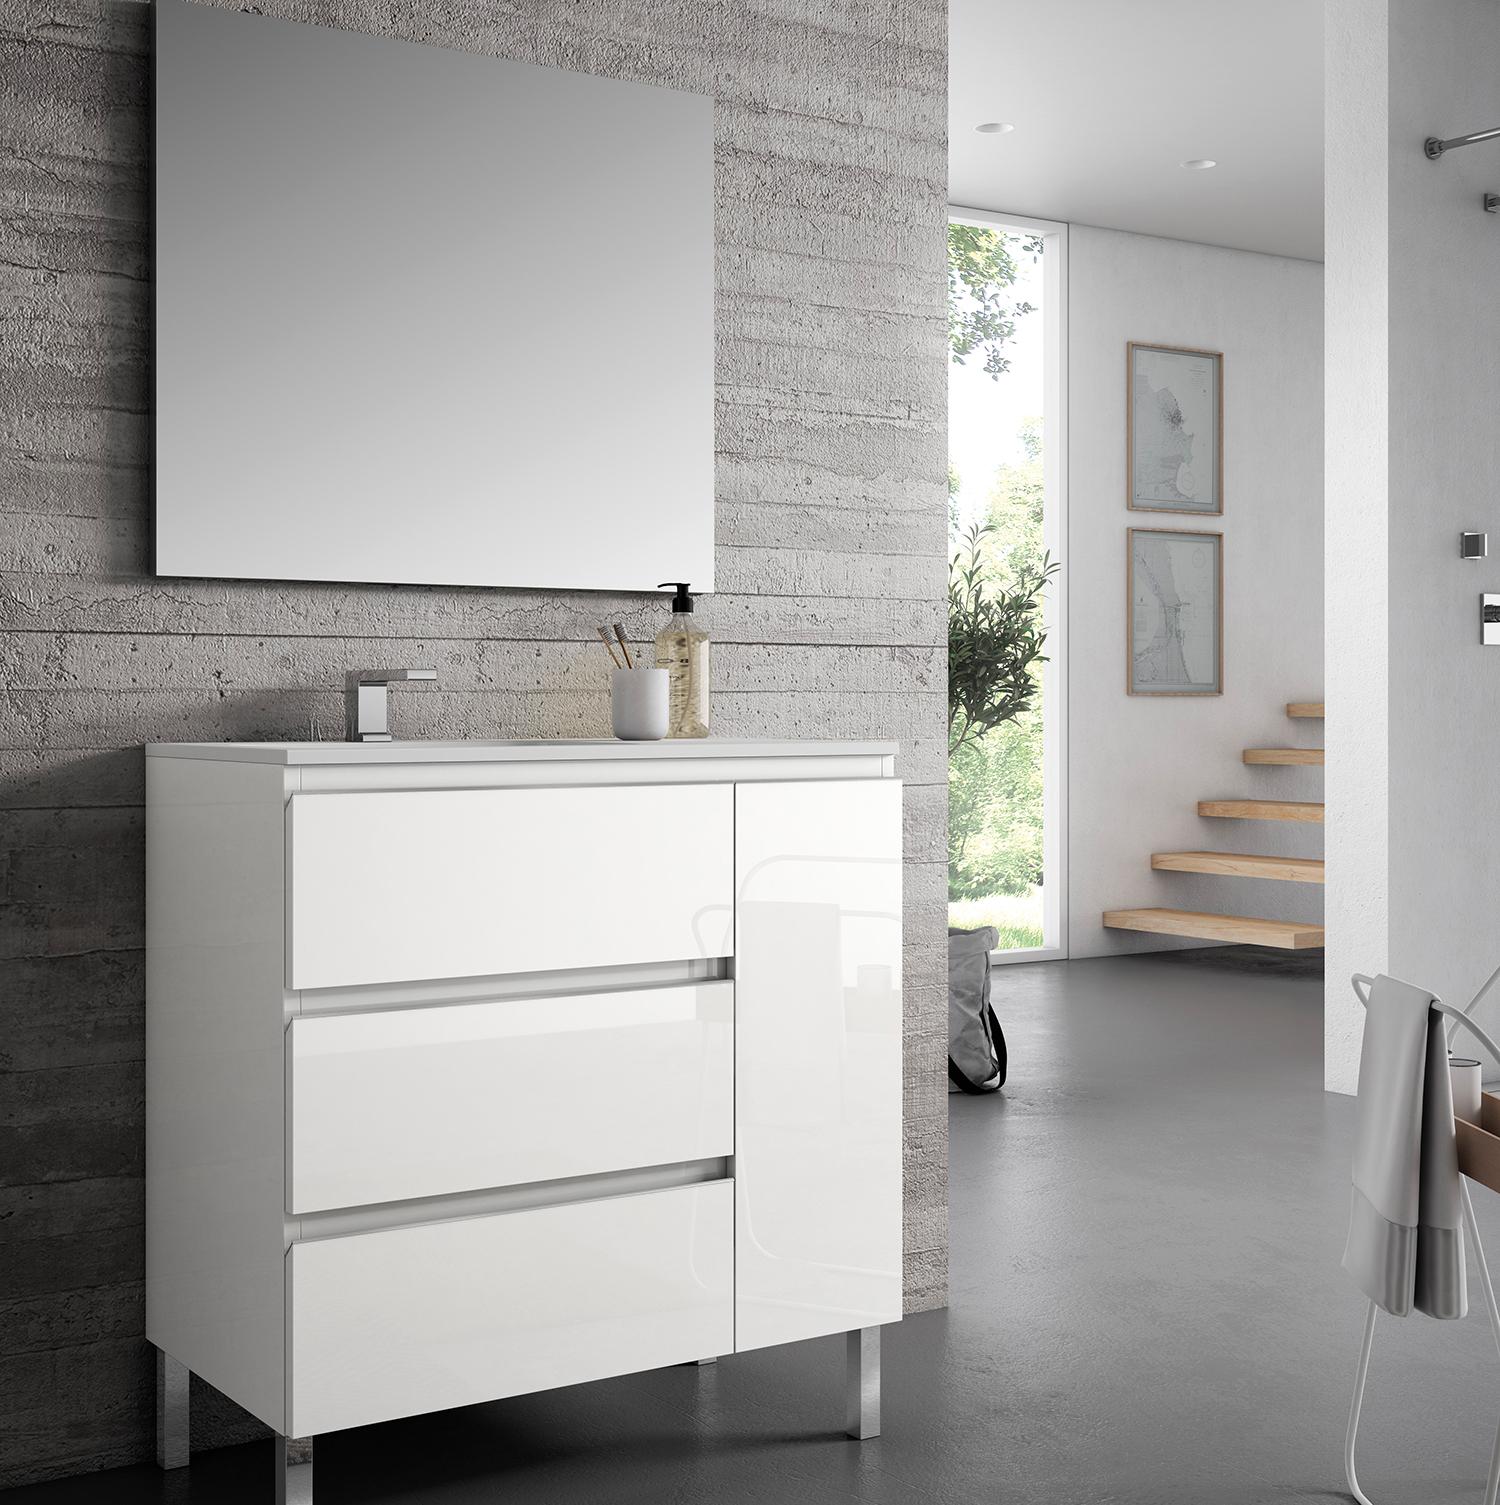 Mueble de baño MOD. IKUM en color BLANCO